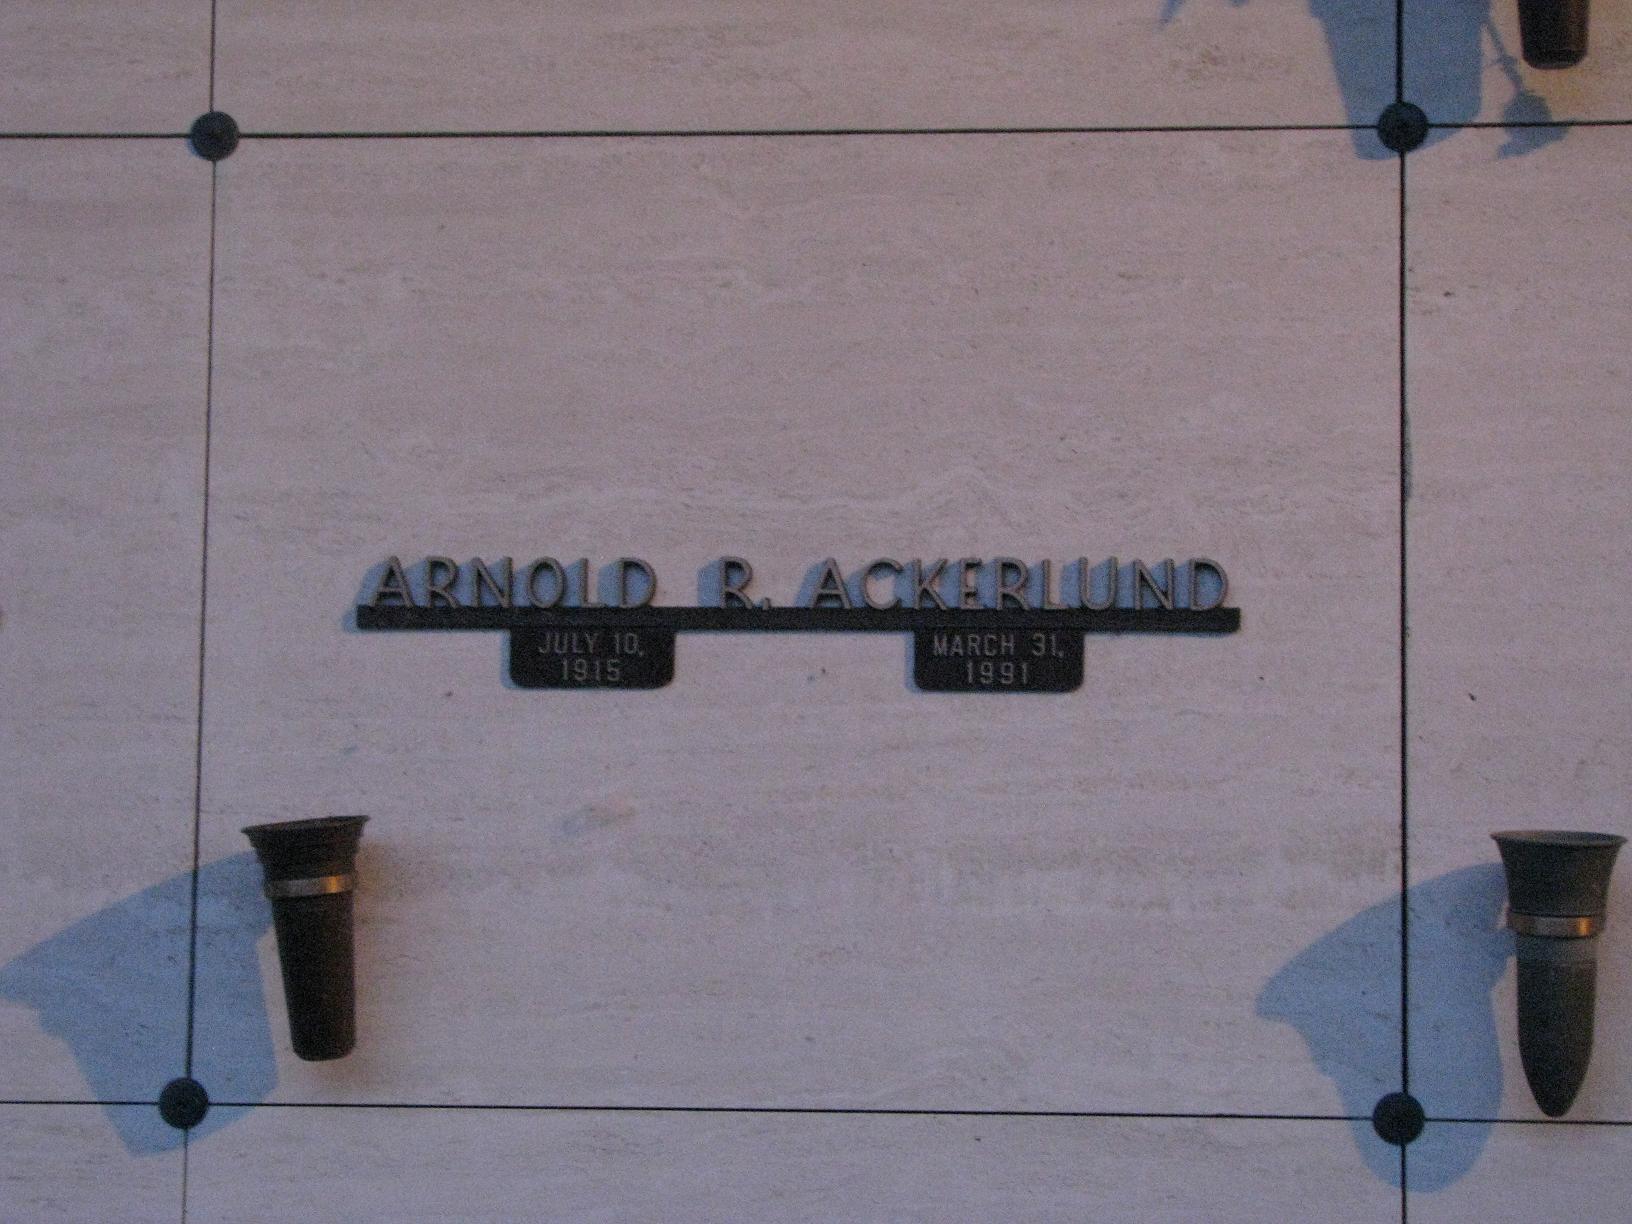 Arnold R Ackerlund